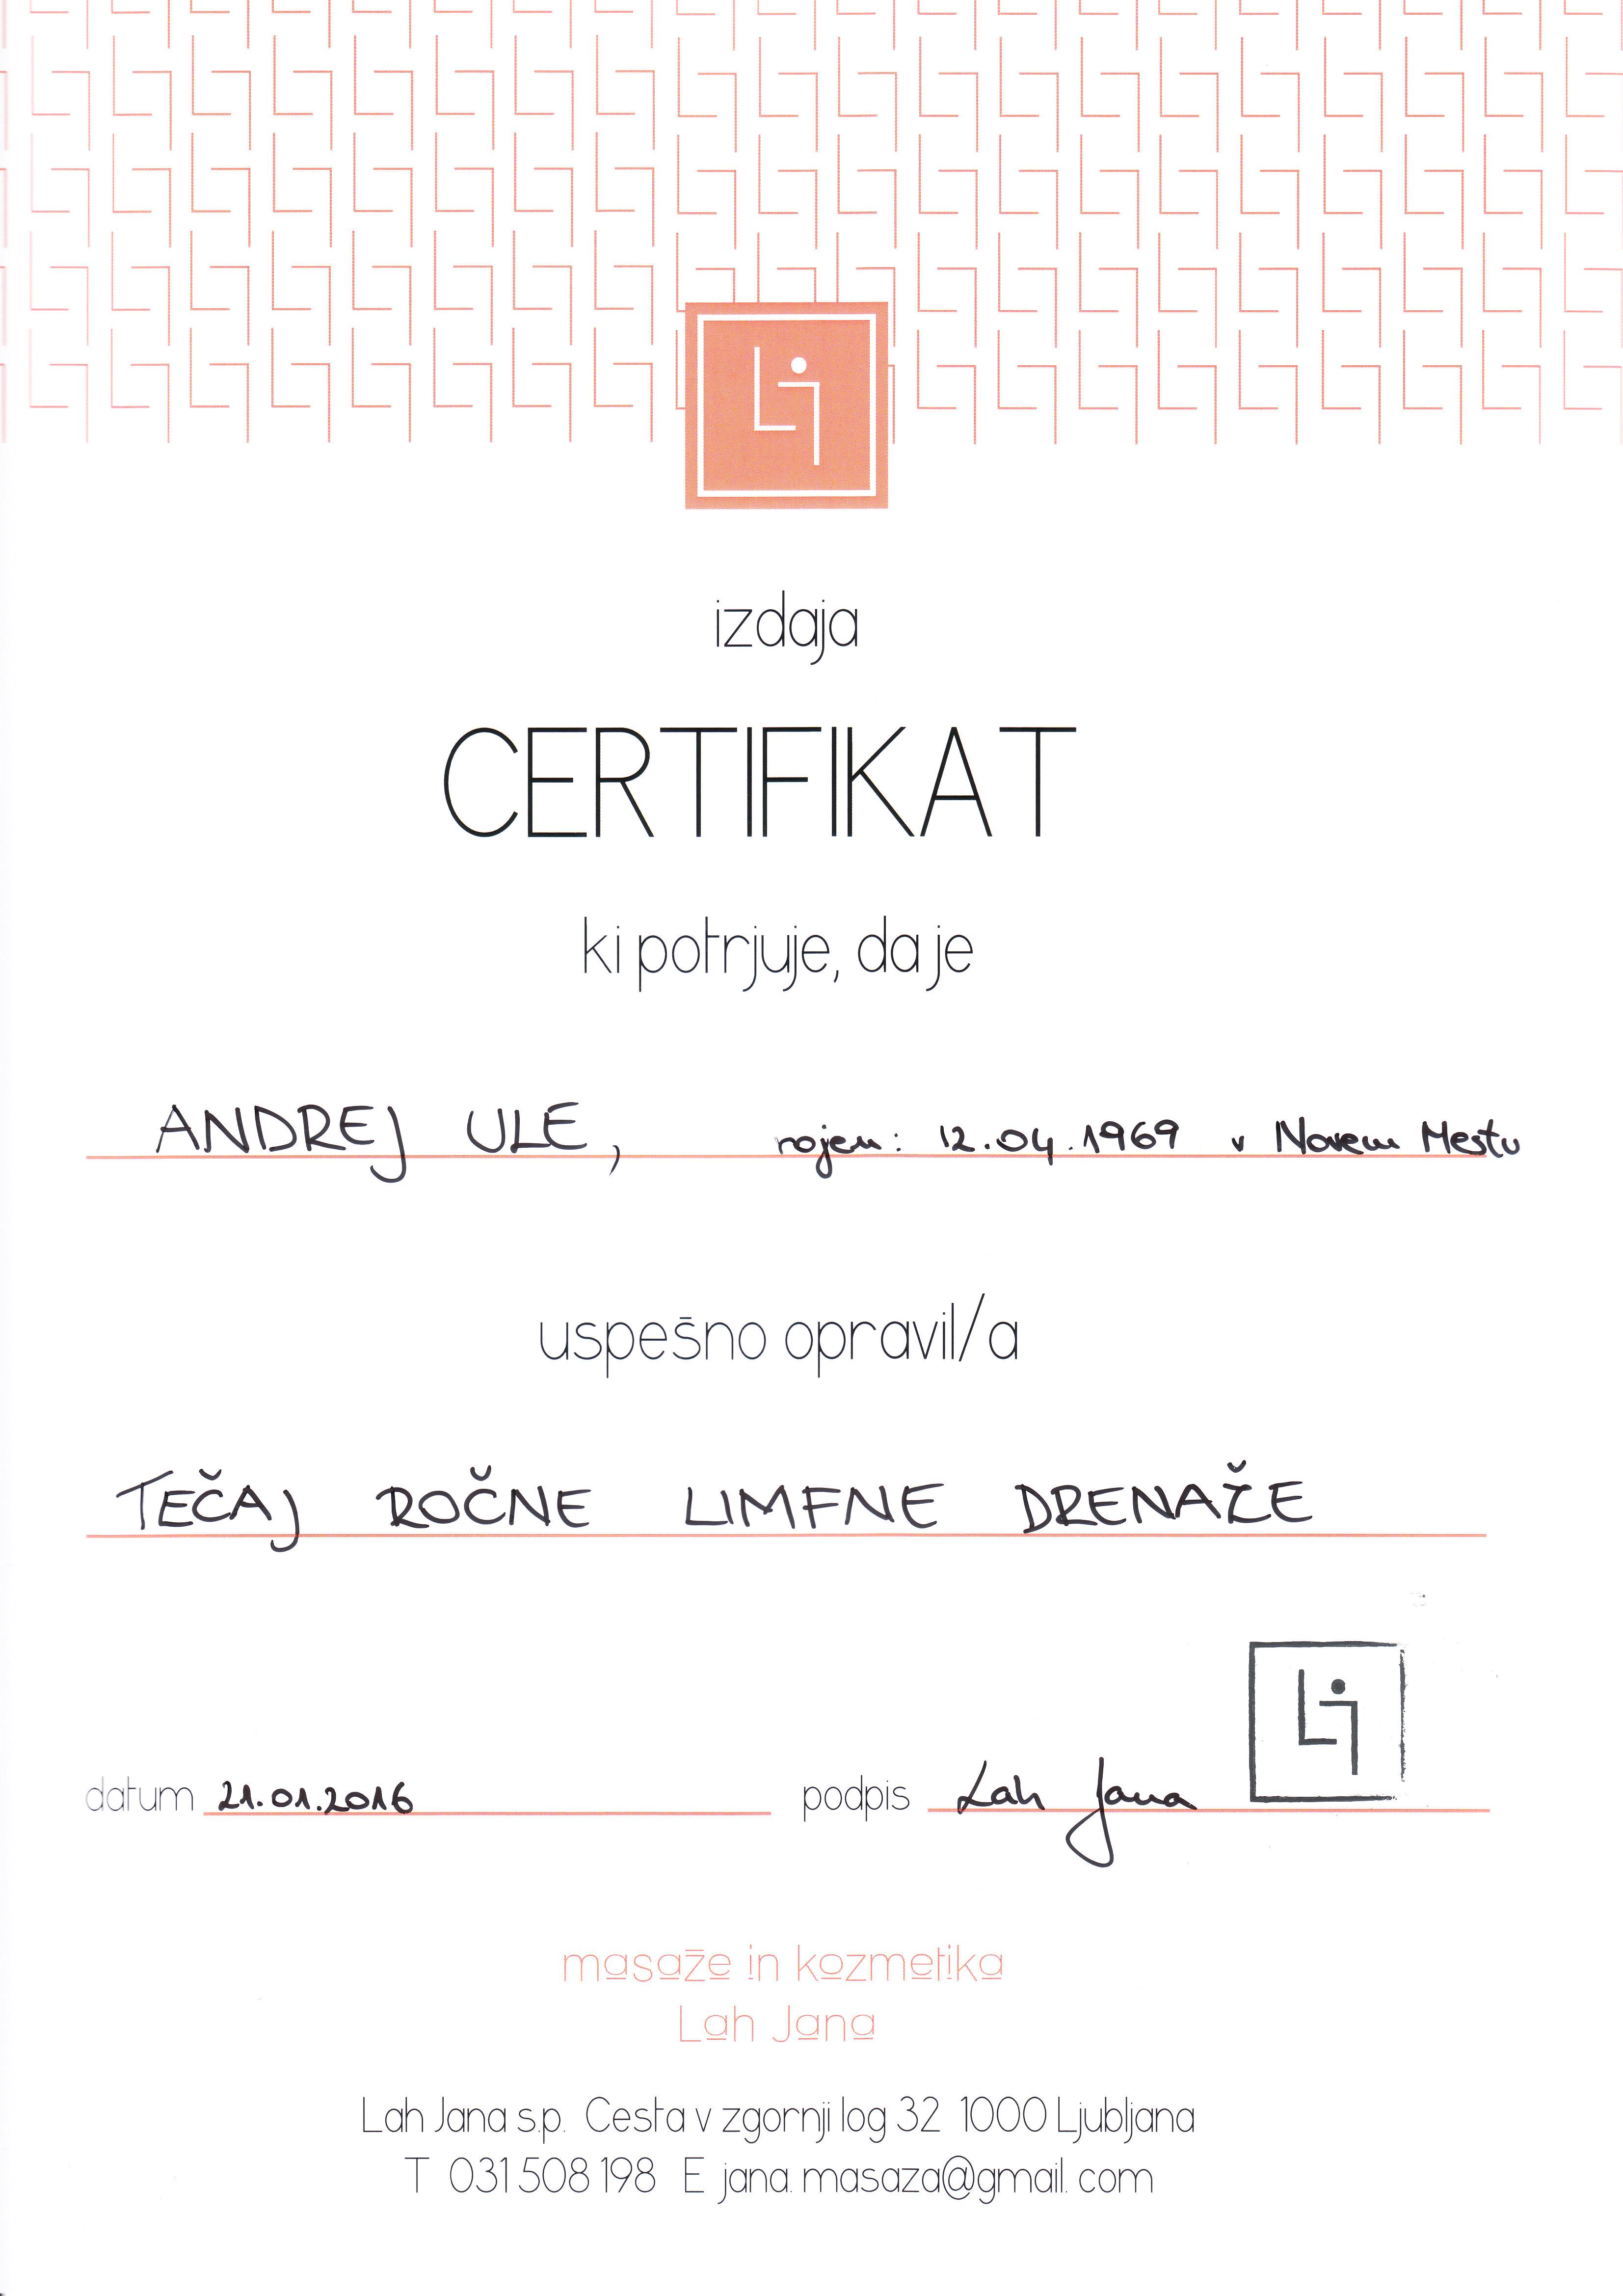 Pridobljene certifikat ročne limfne drenaže